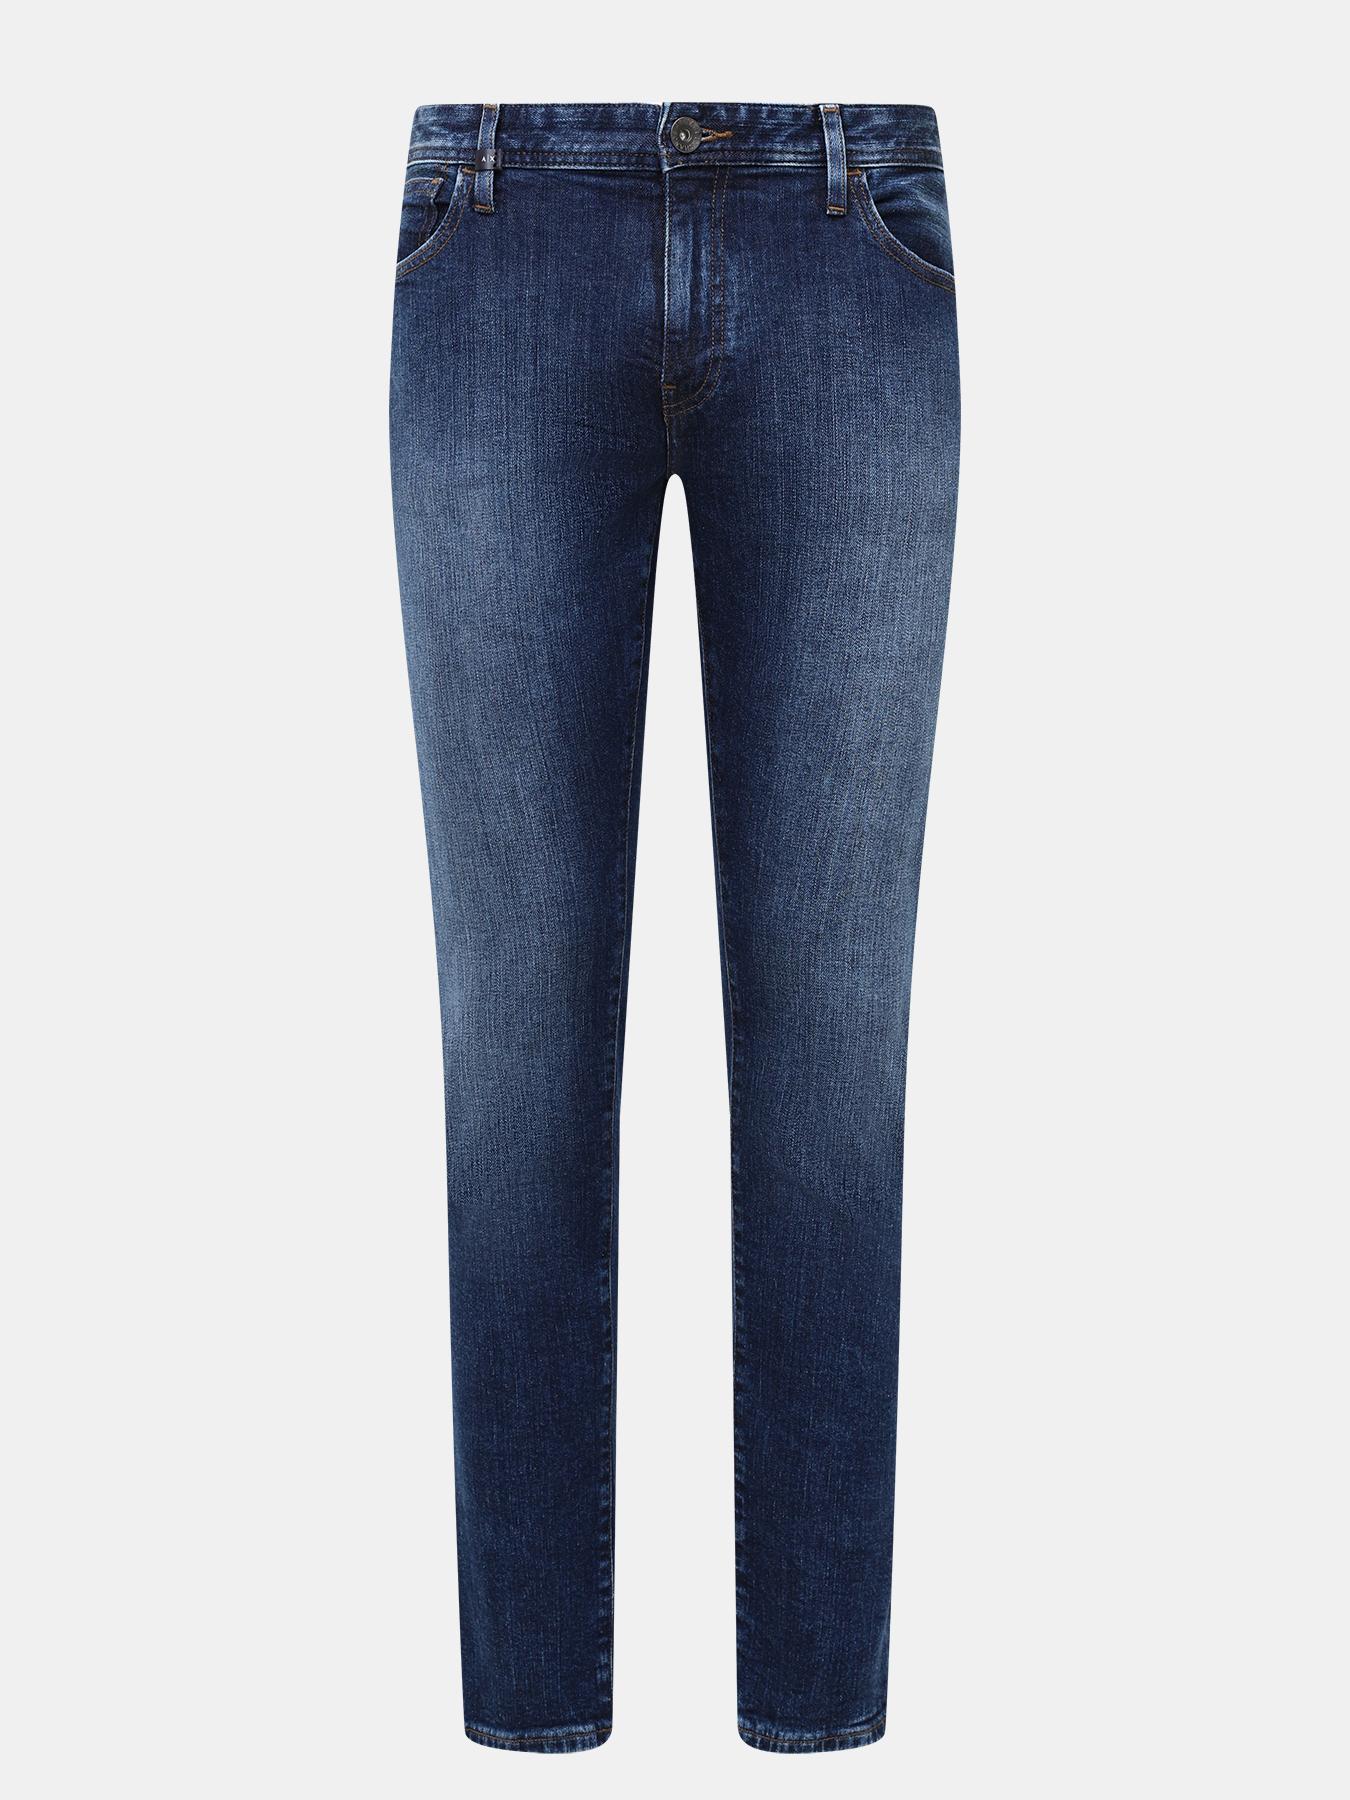 Джинсы Armani Exchange Джинсы J14 брюки armani exchange джинсы с потертостями j27